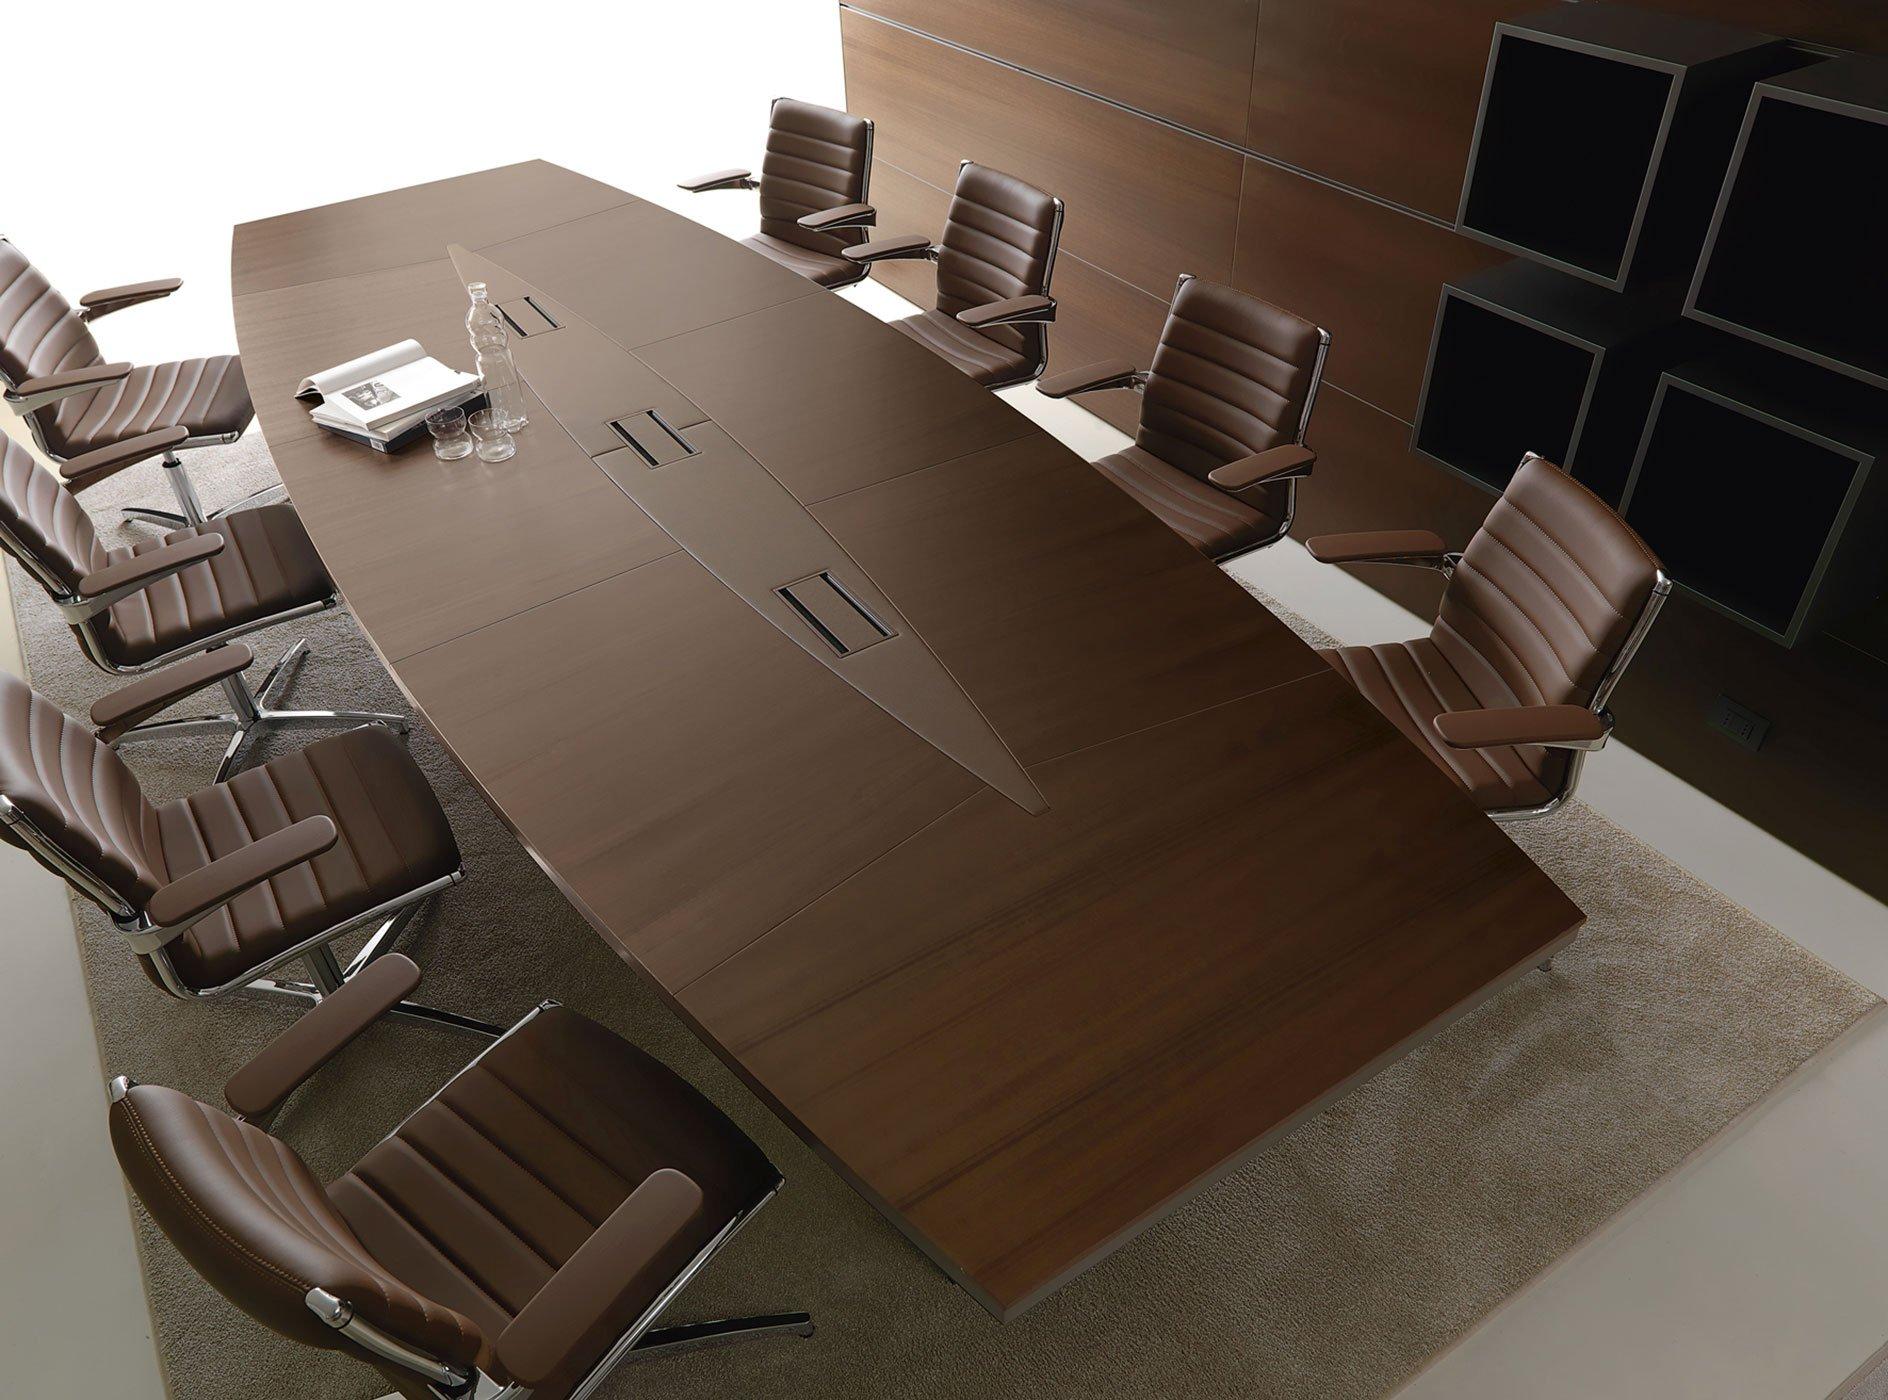 4tavolo-riunione-ufficio-arredo-presidenziale.jpg